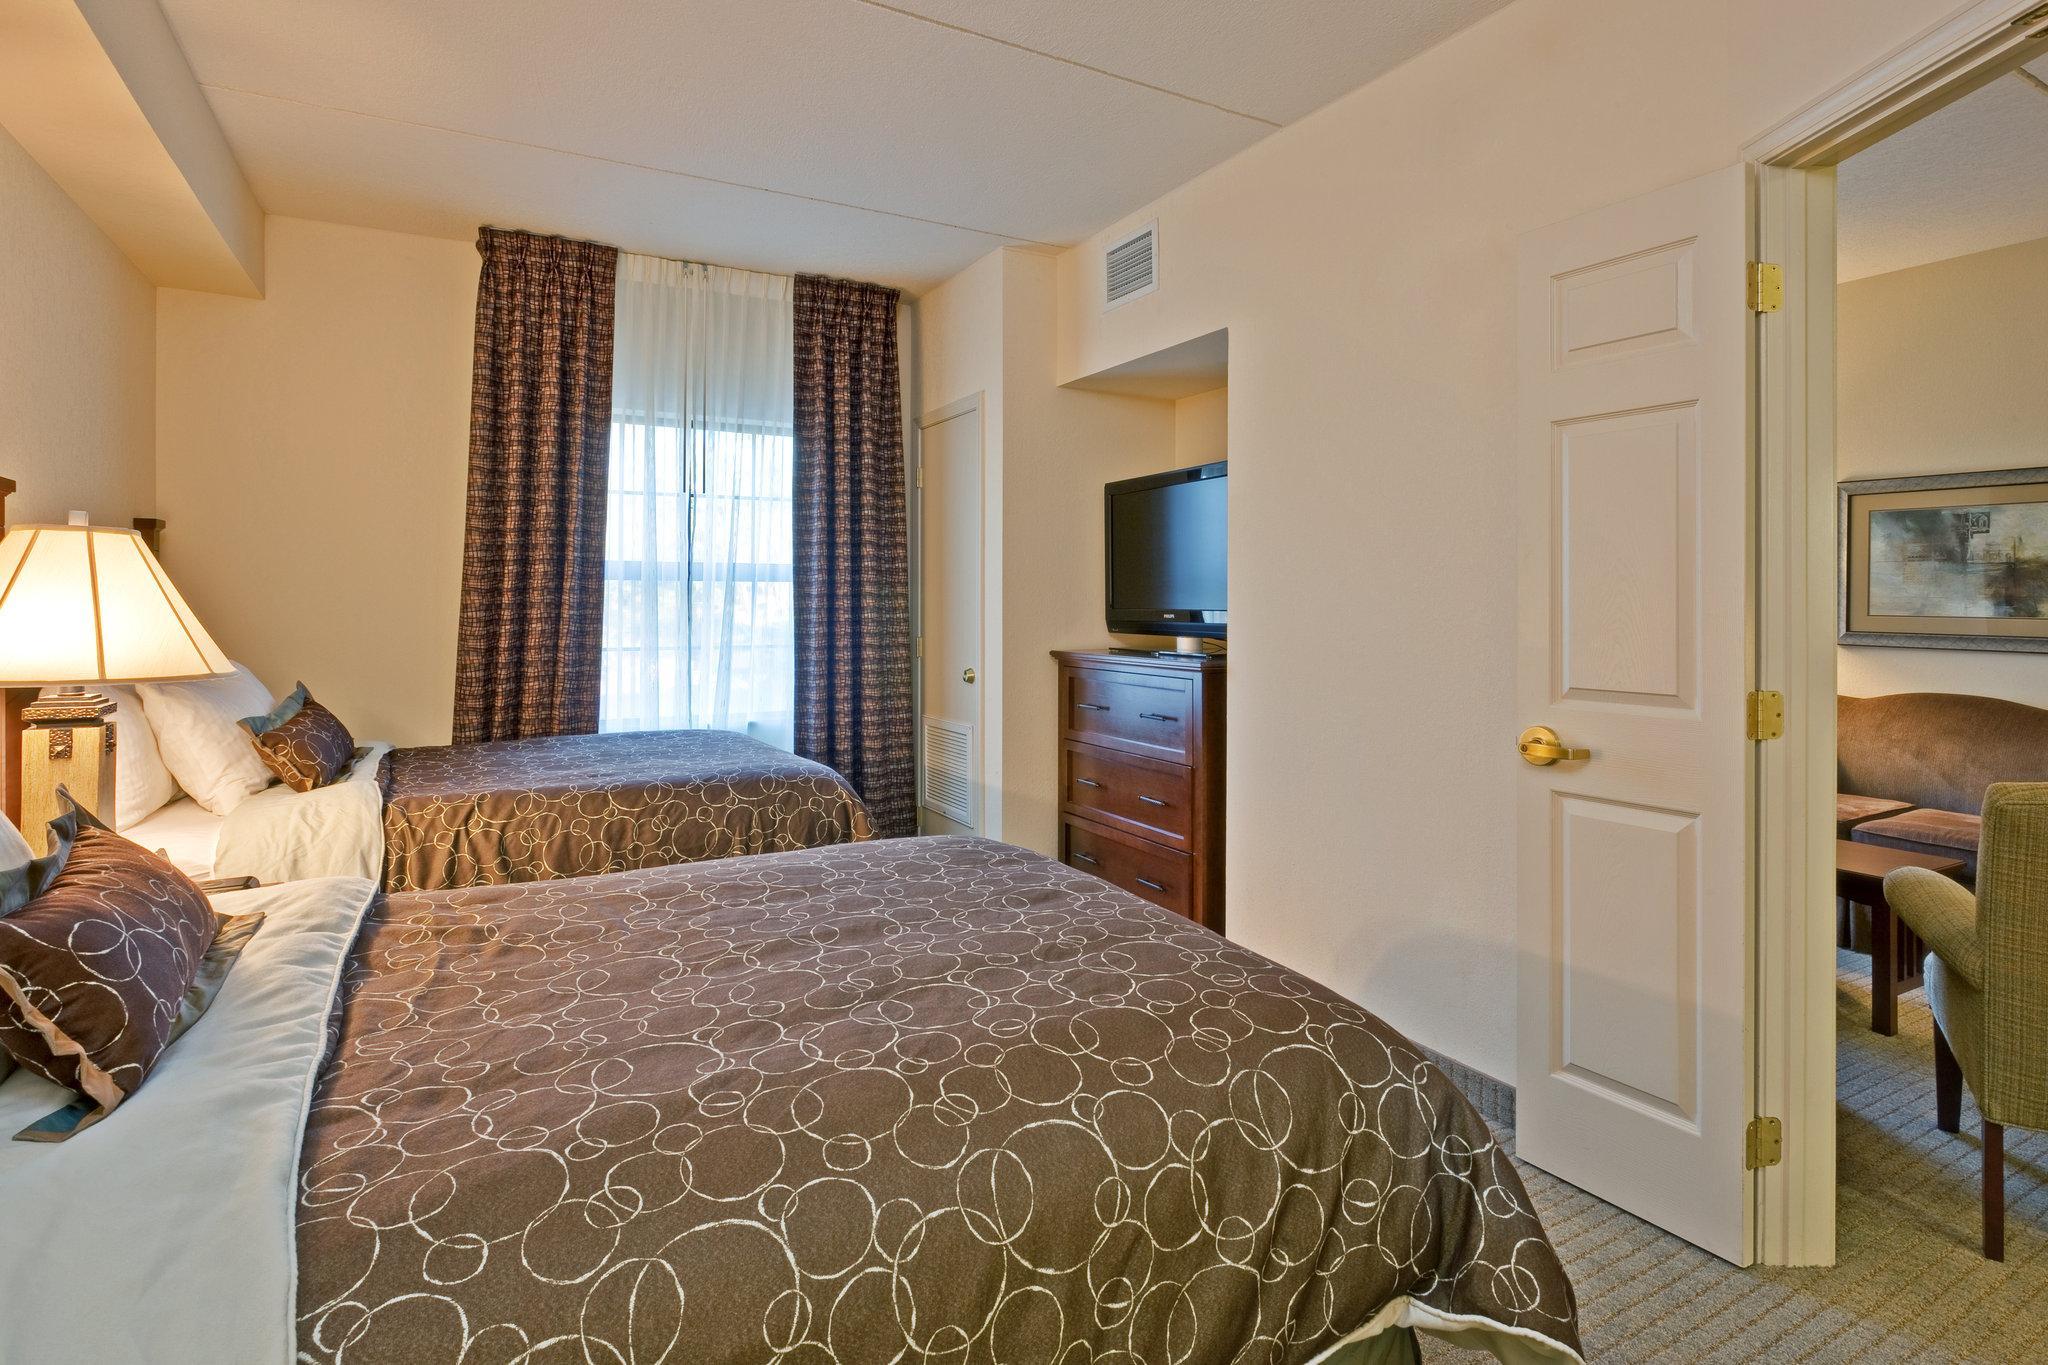 Staybridge Suites Buffalo/West Seneca